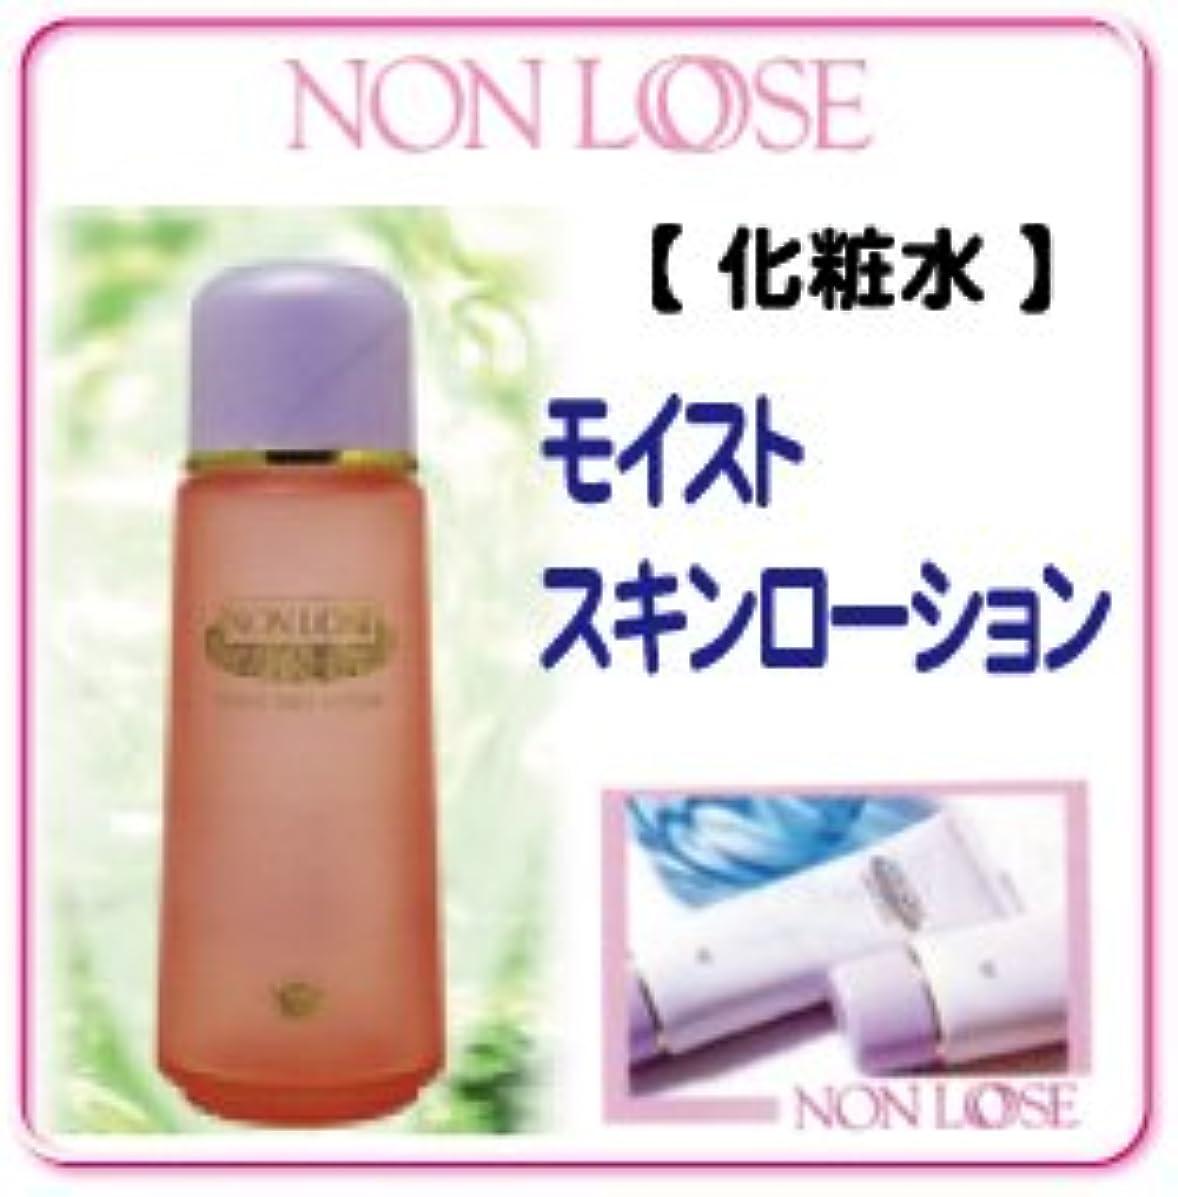 限定シマウマラックベルマン化粧品:モイストスキンローション(120ml)